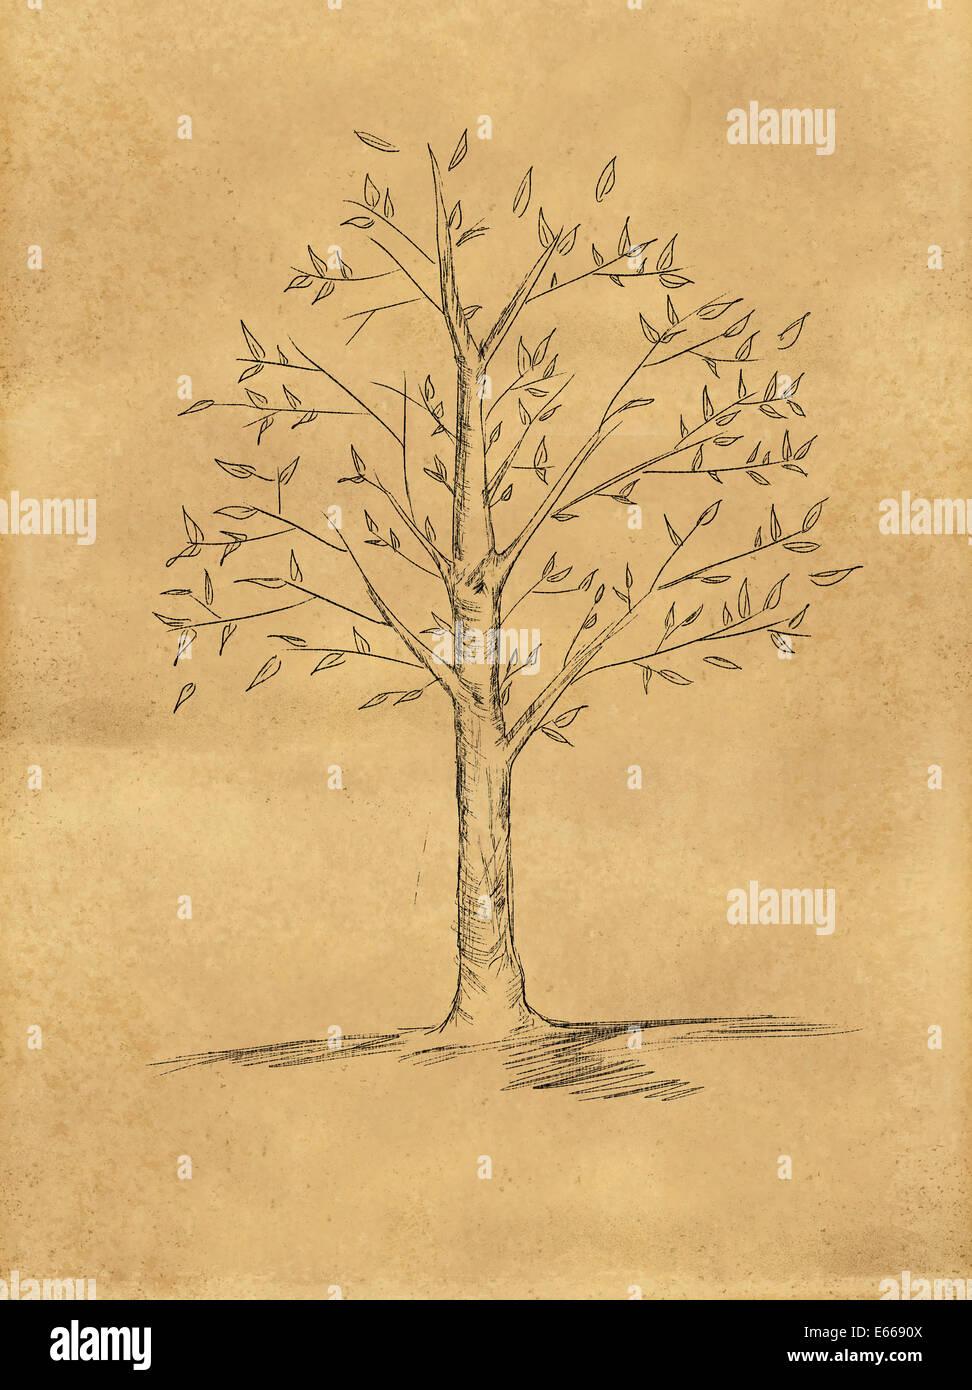 baum-skizze mit blätter auf papier stockfoto, bild: 72668202 - alamy